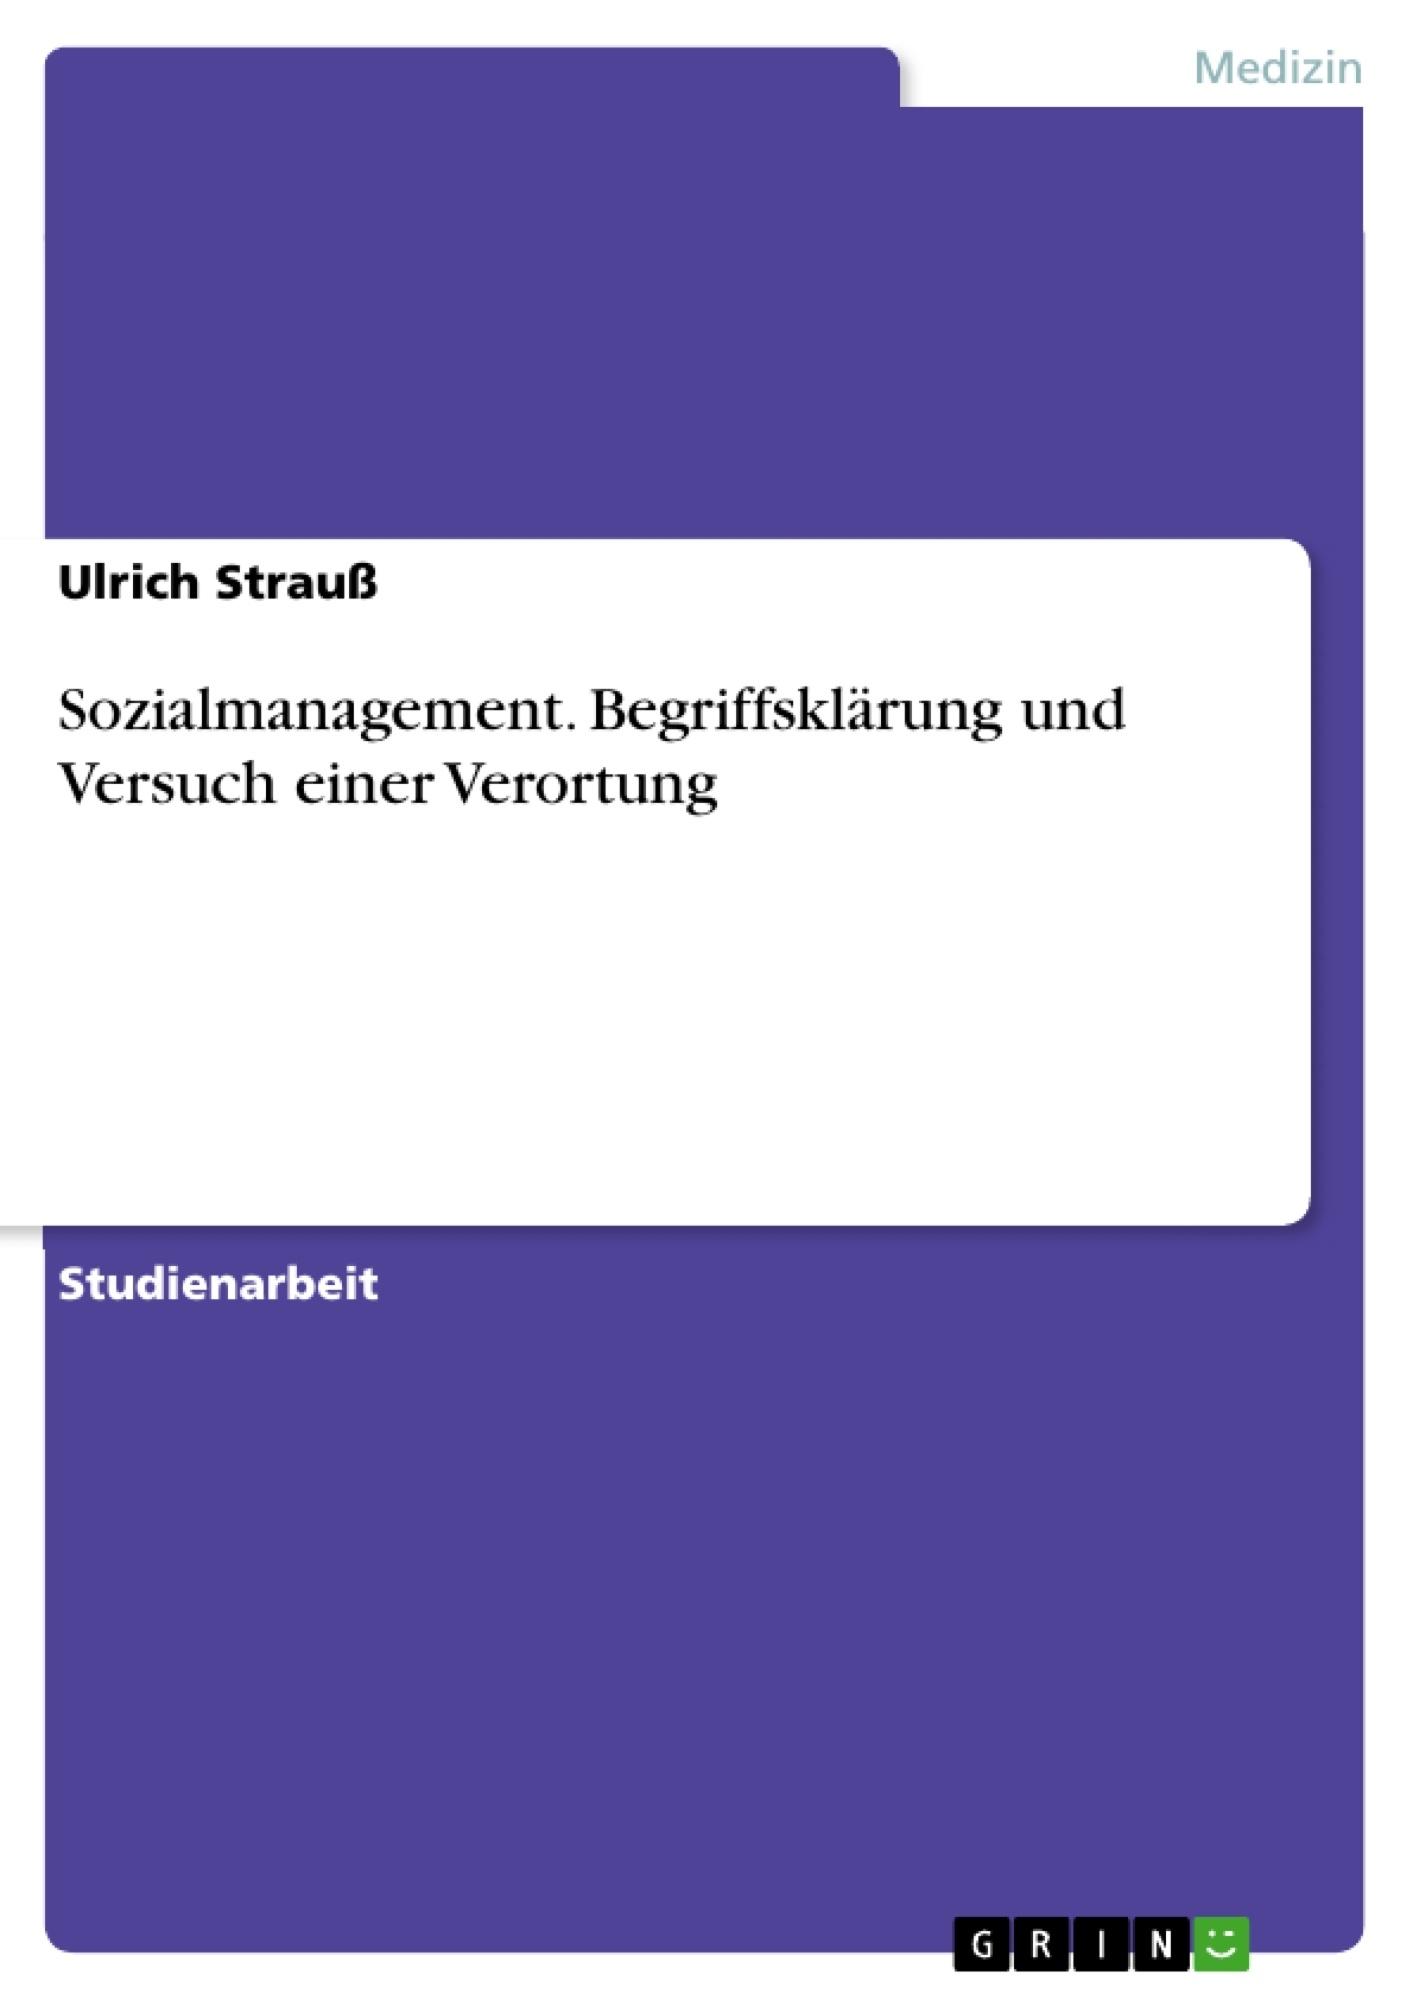 Titel: Sozialmanagement. Begriffsklärung und Versuch einer Verortung